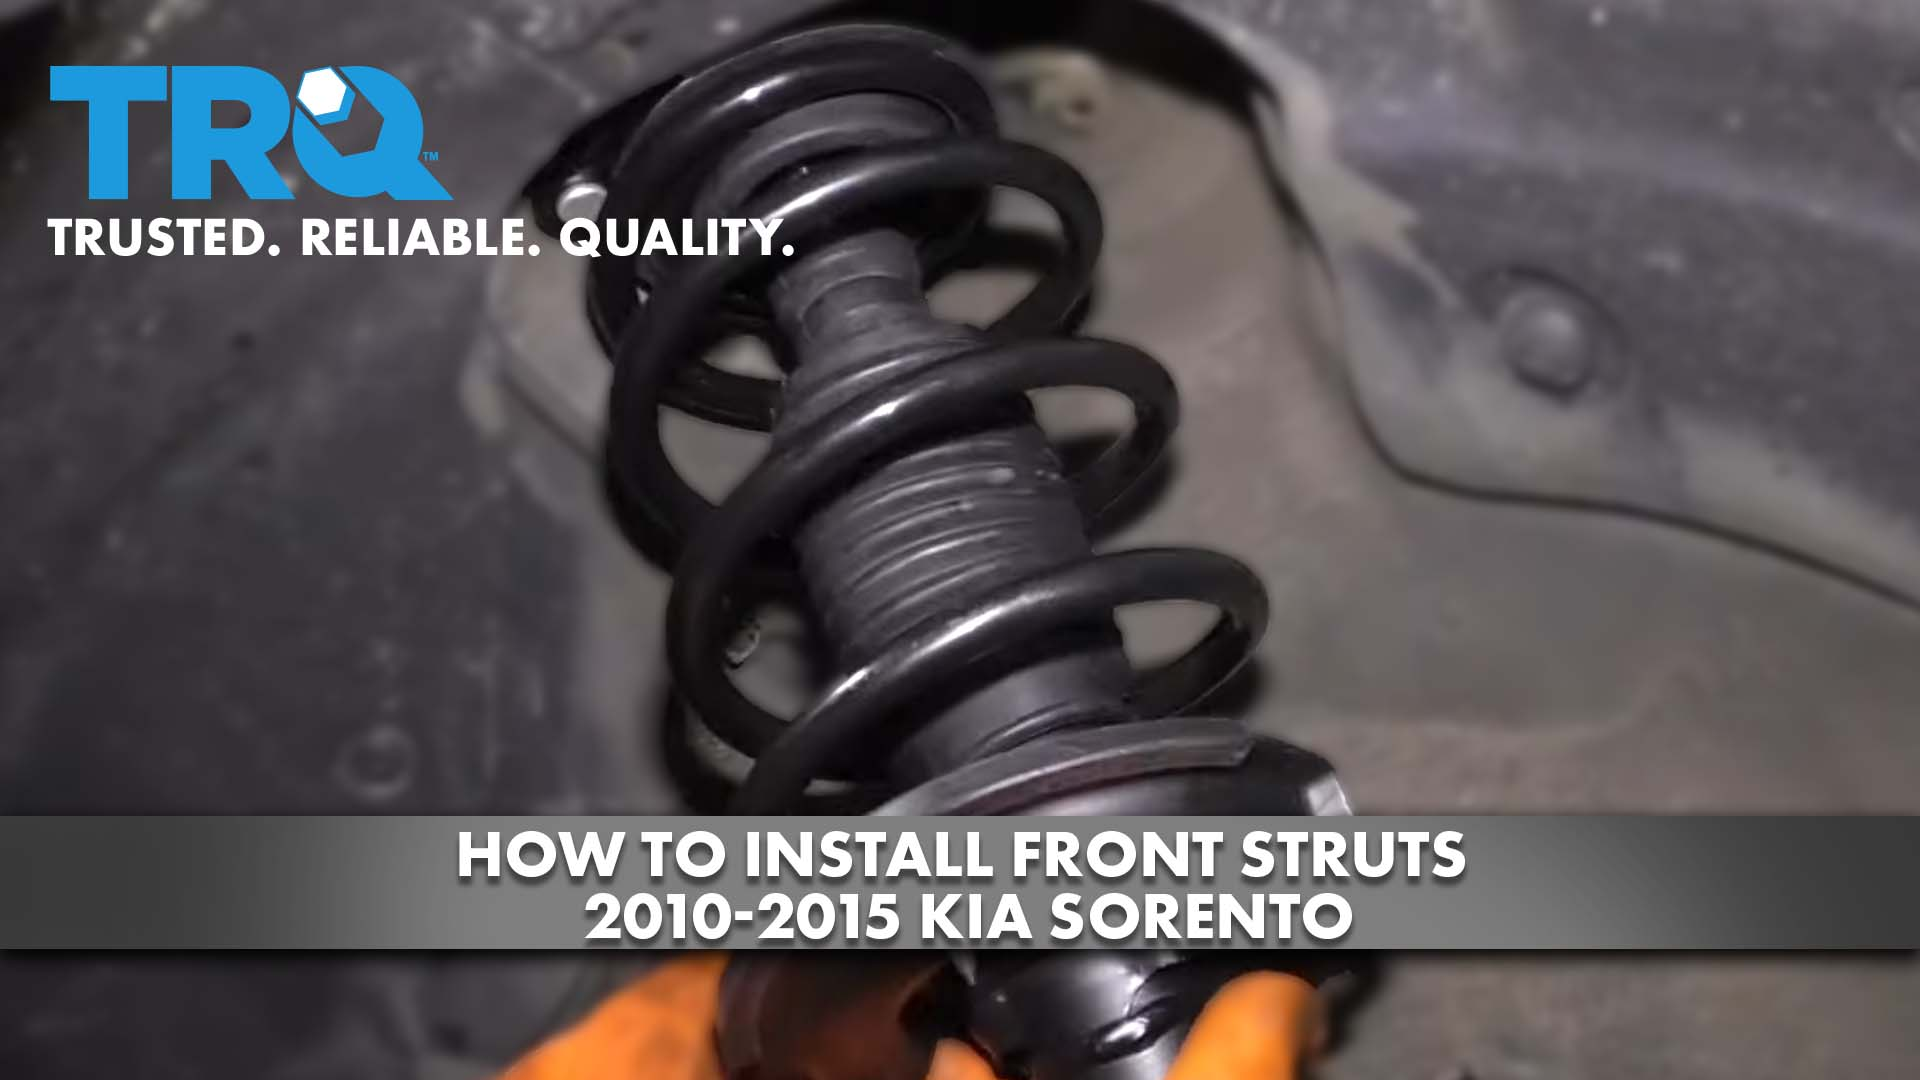 How to Install Front Struts 2010-15 Kia Sorento